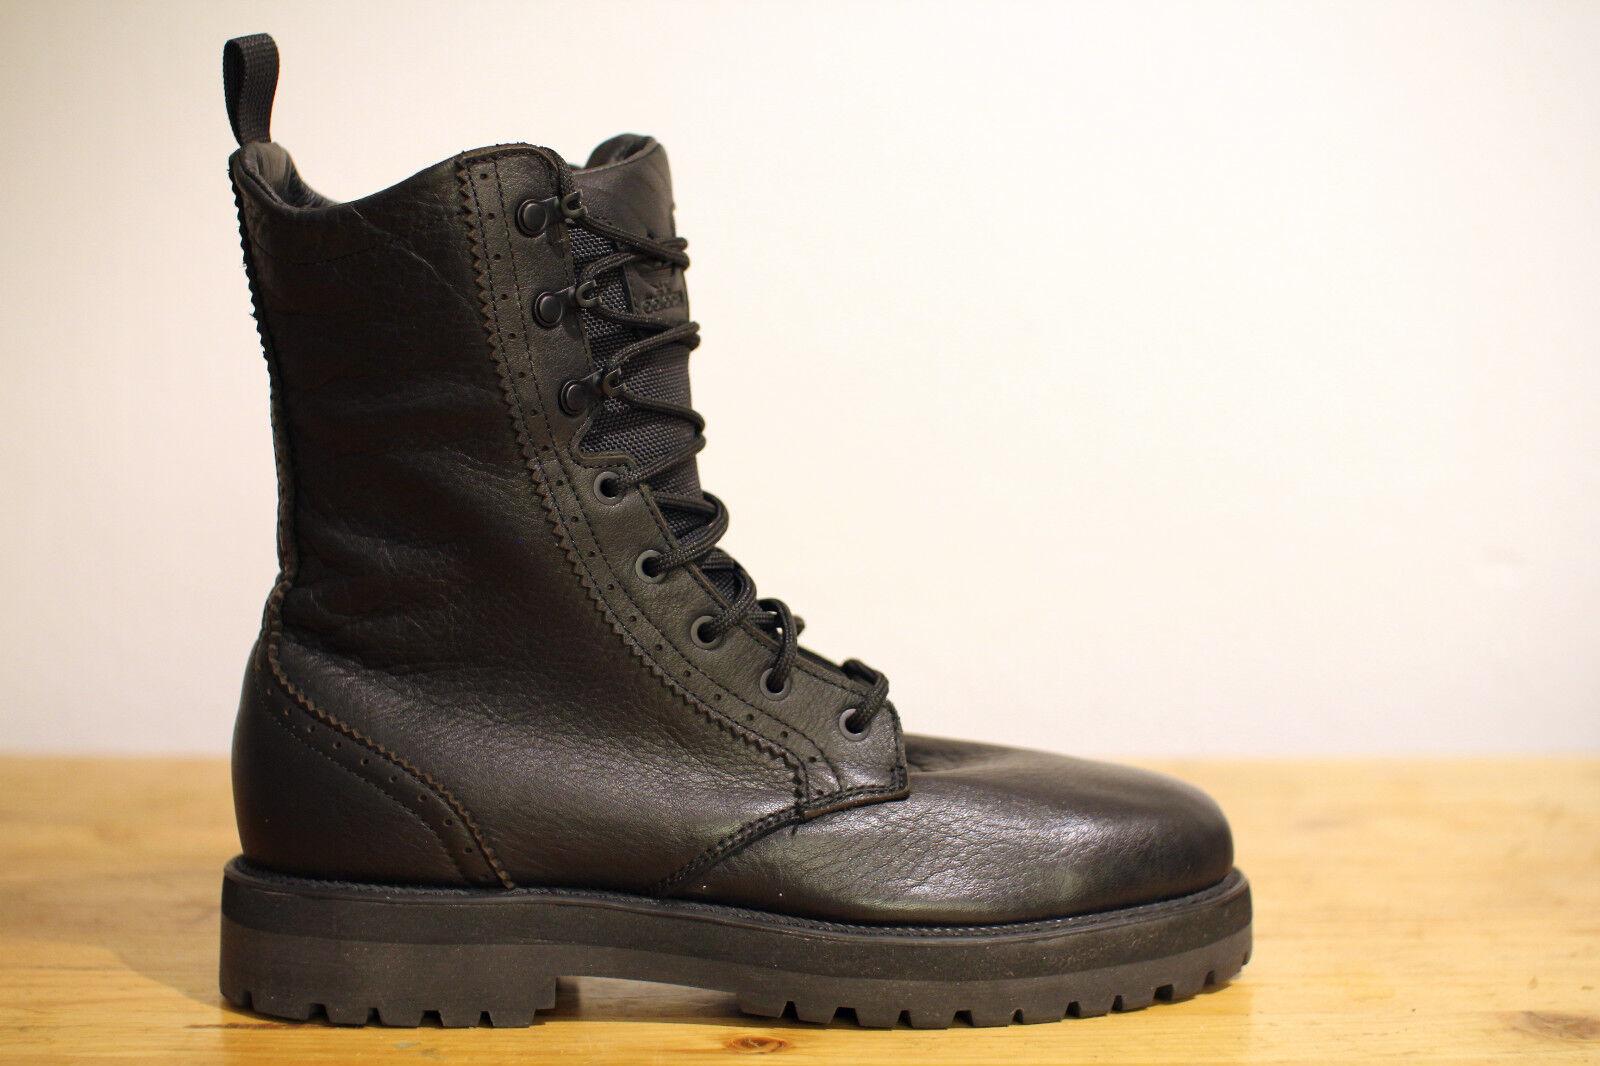 Adidas negro City hike botas botas negro Gr. 42 nuevo